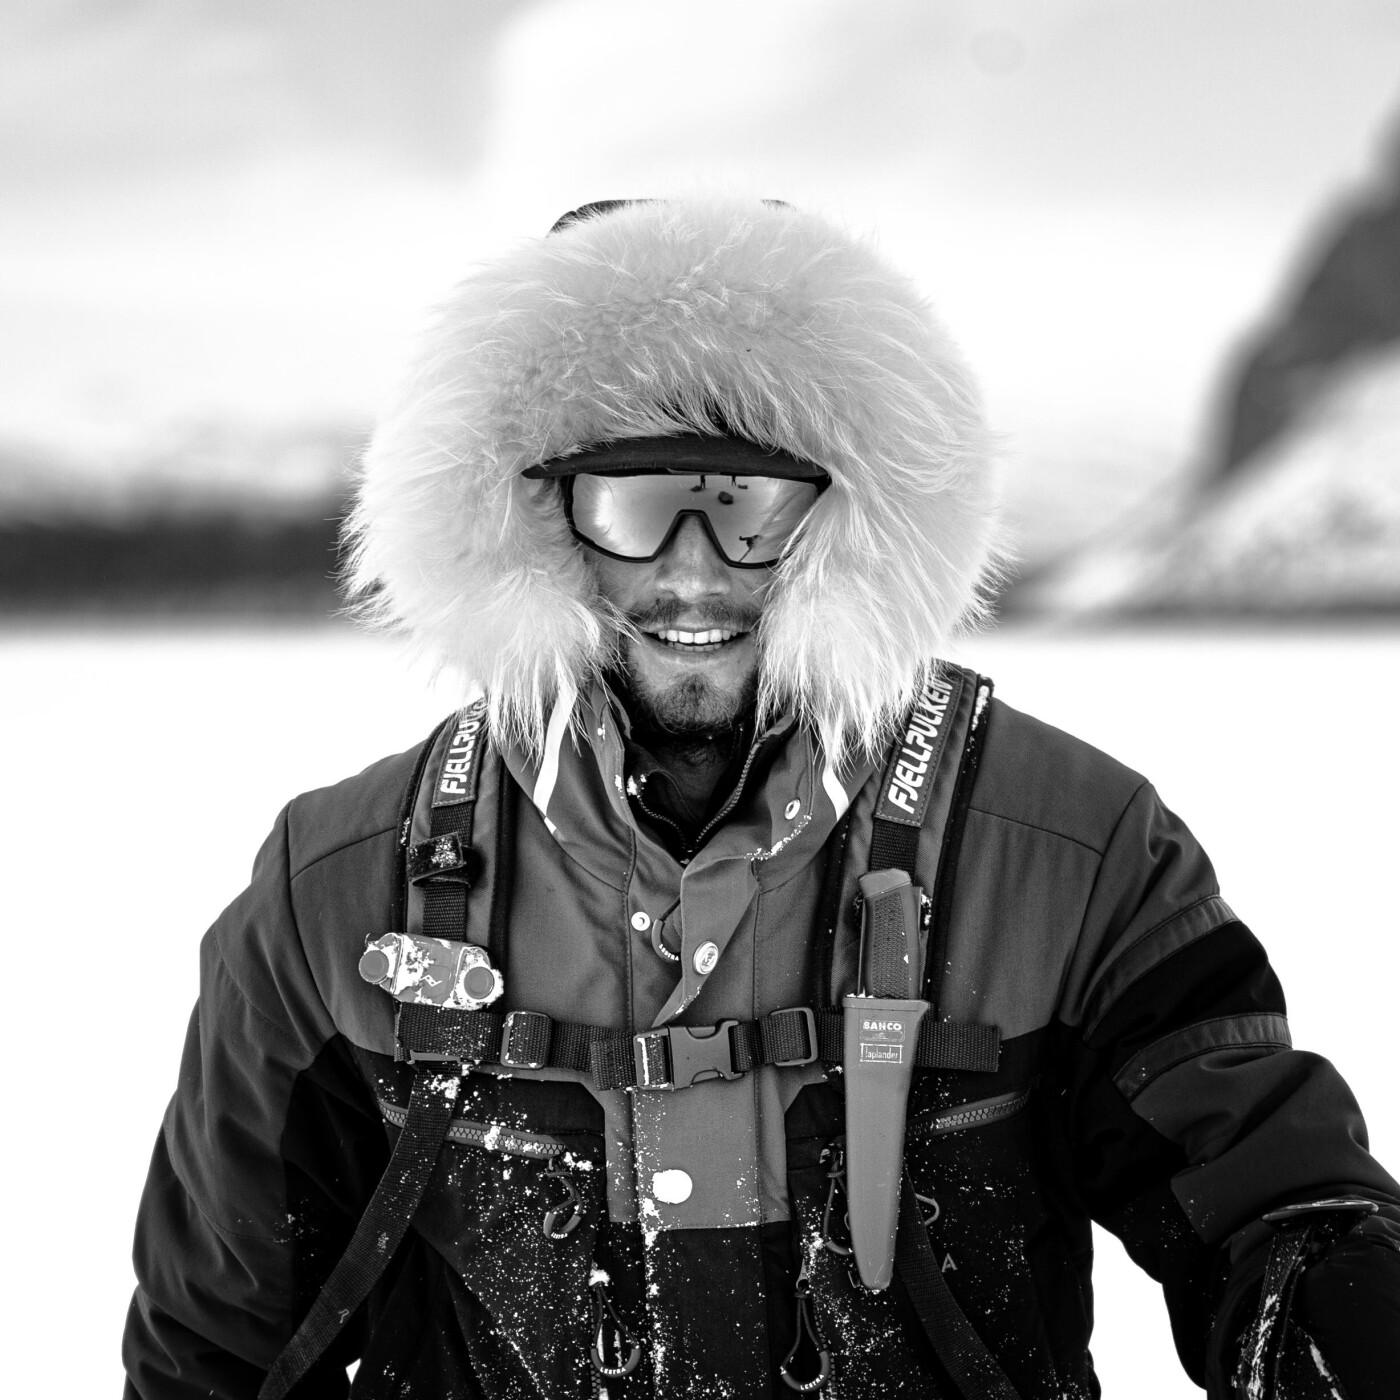 Maxime Mergalet rentre de Laponie, il parle des aurores boreales - 04 05 2021 - StereoChic Radio